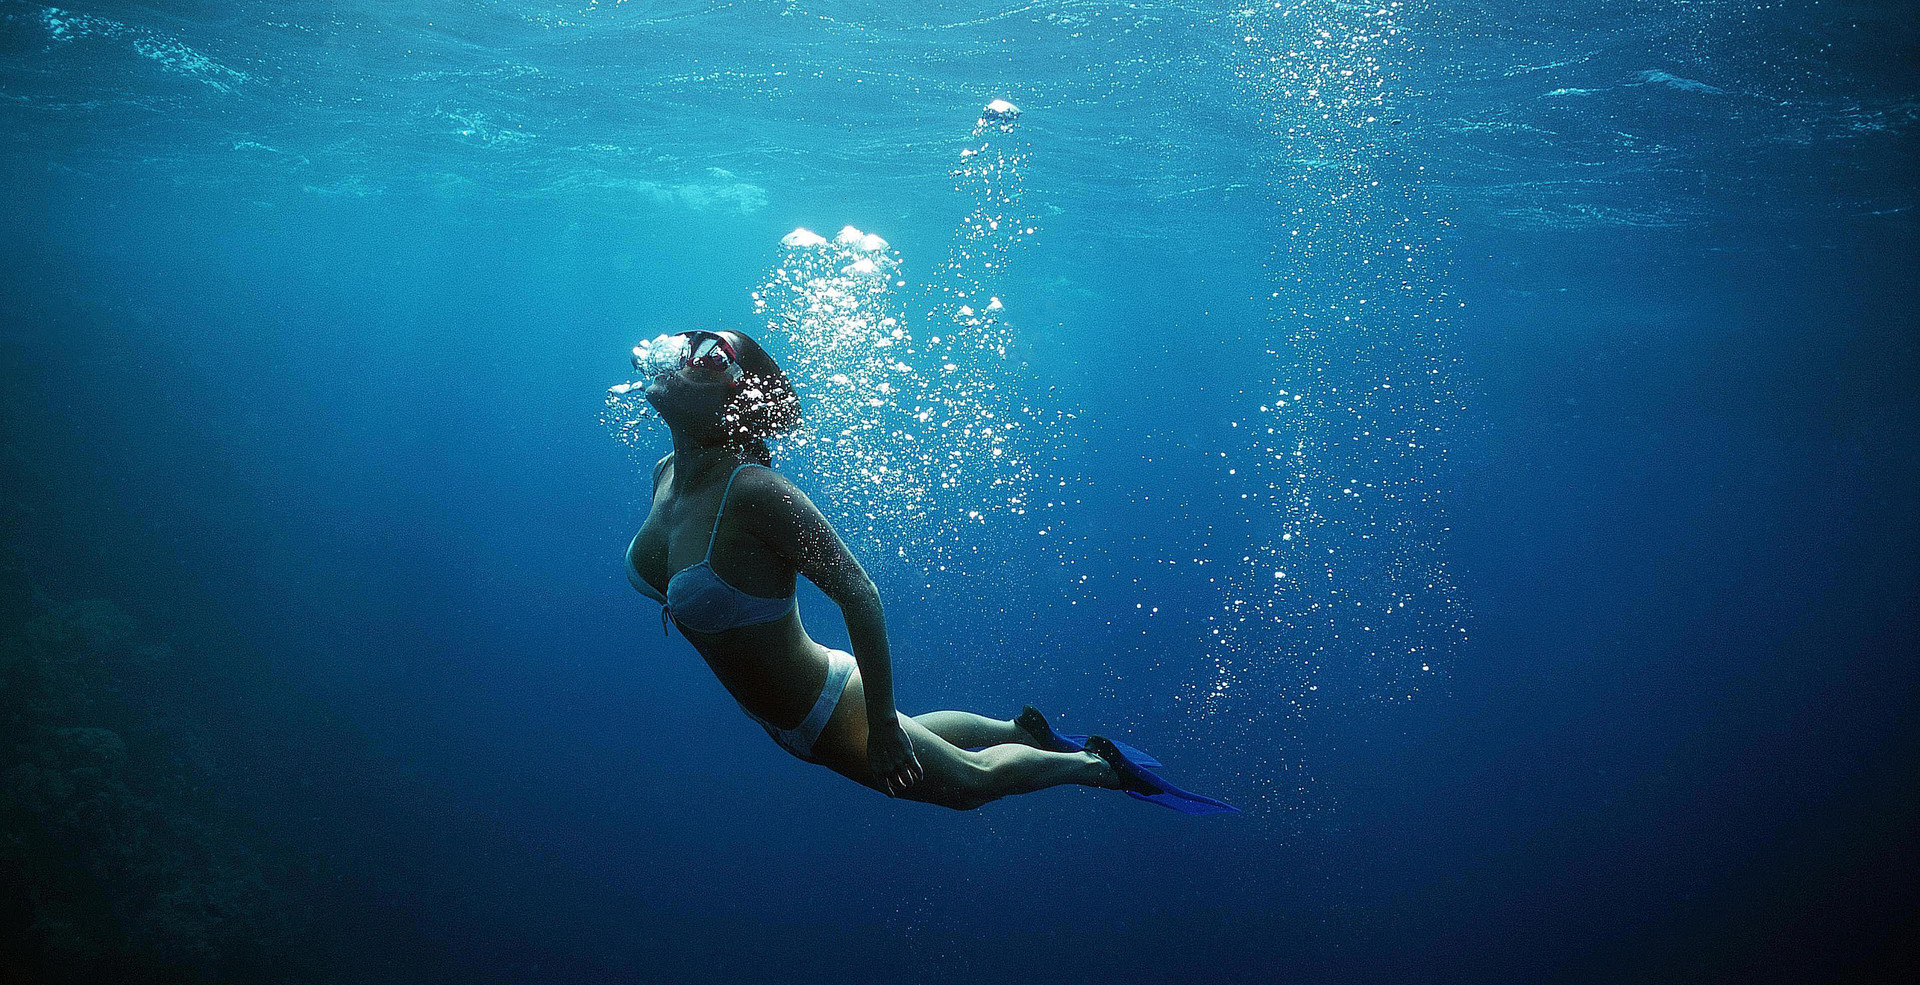 Freediver-Near-Surface-58b8f30d5f9b58af5